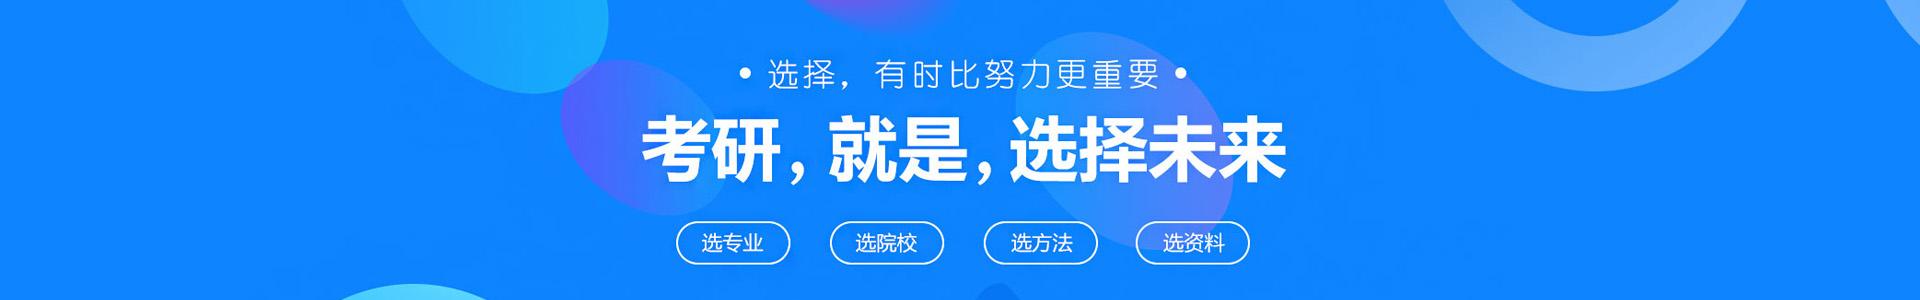 海文考研-武汉校区